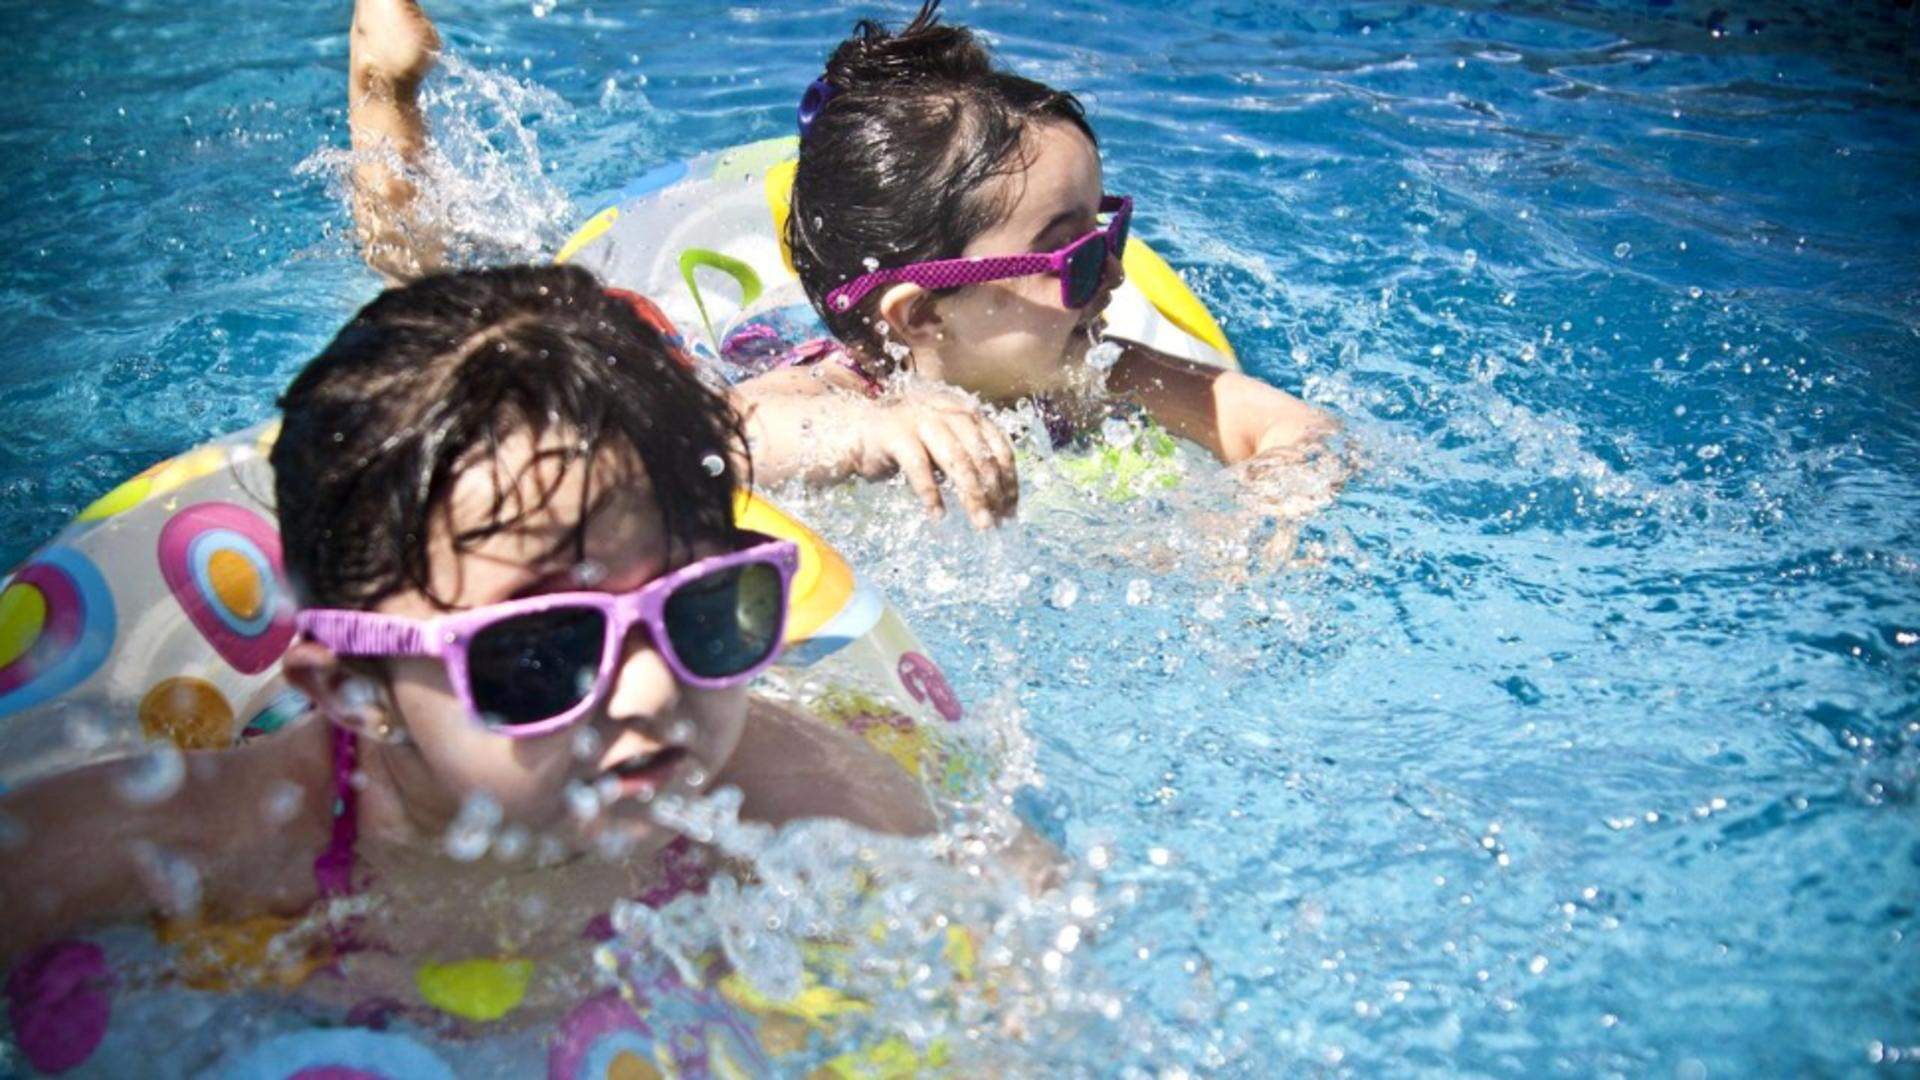 Copii la piscina (foto ilustrativ)